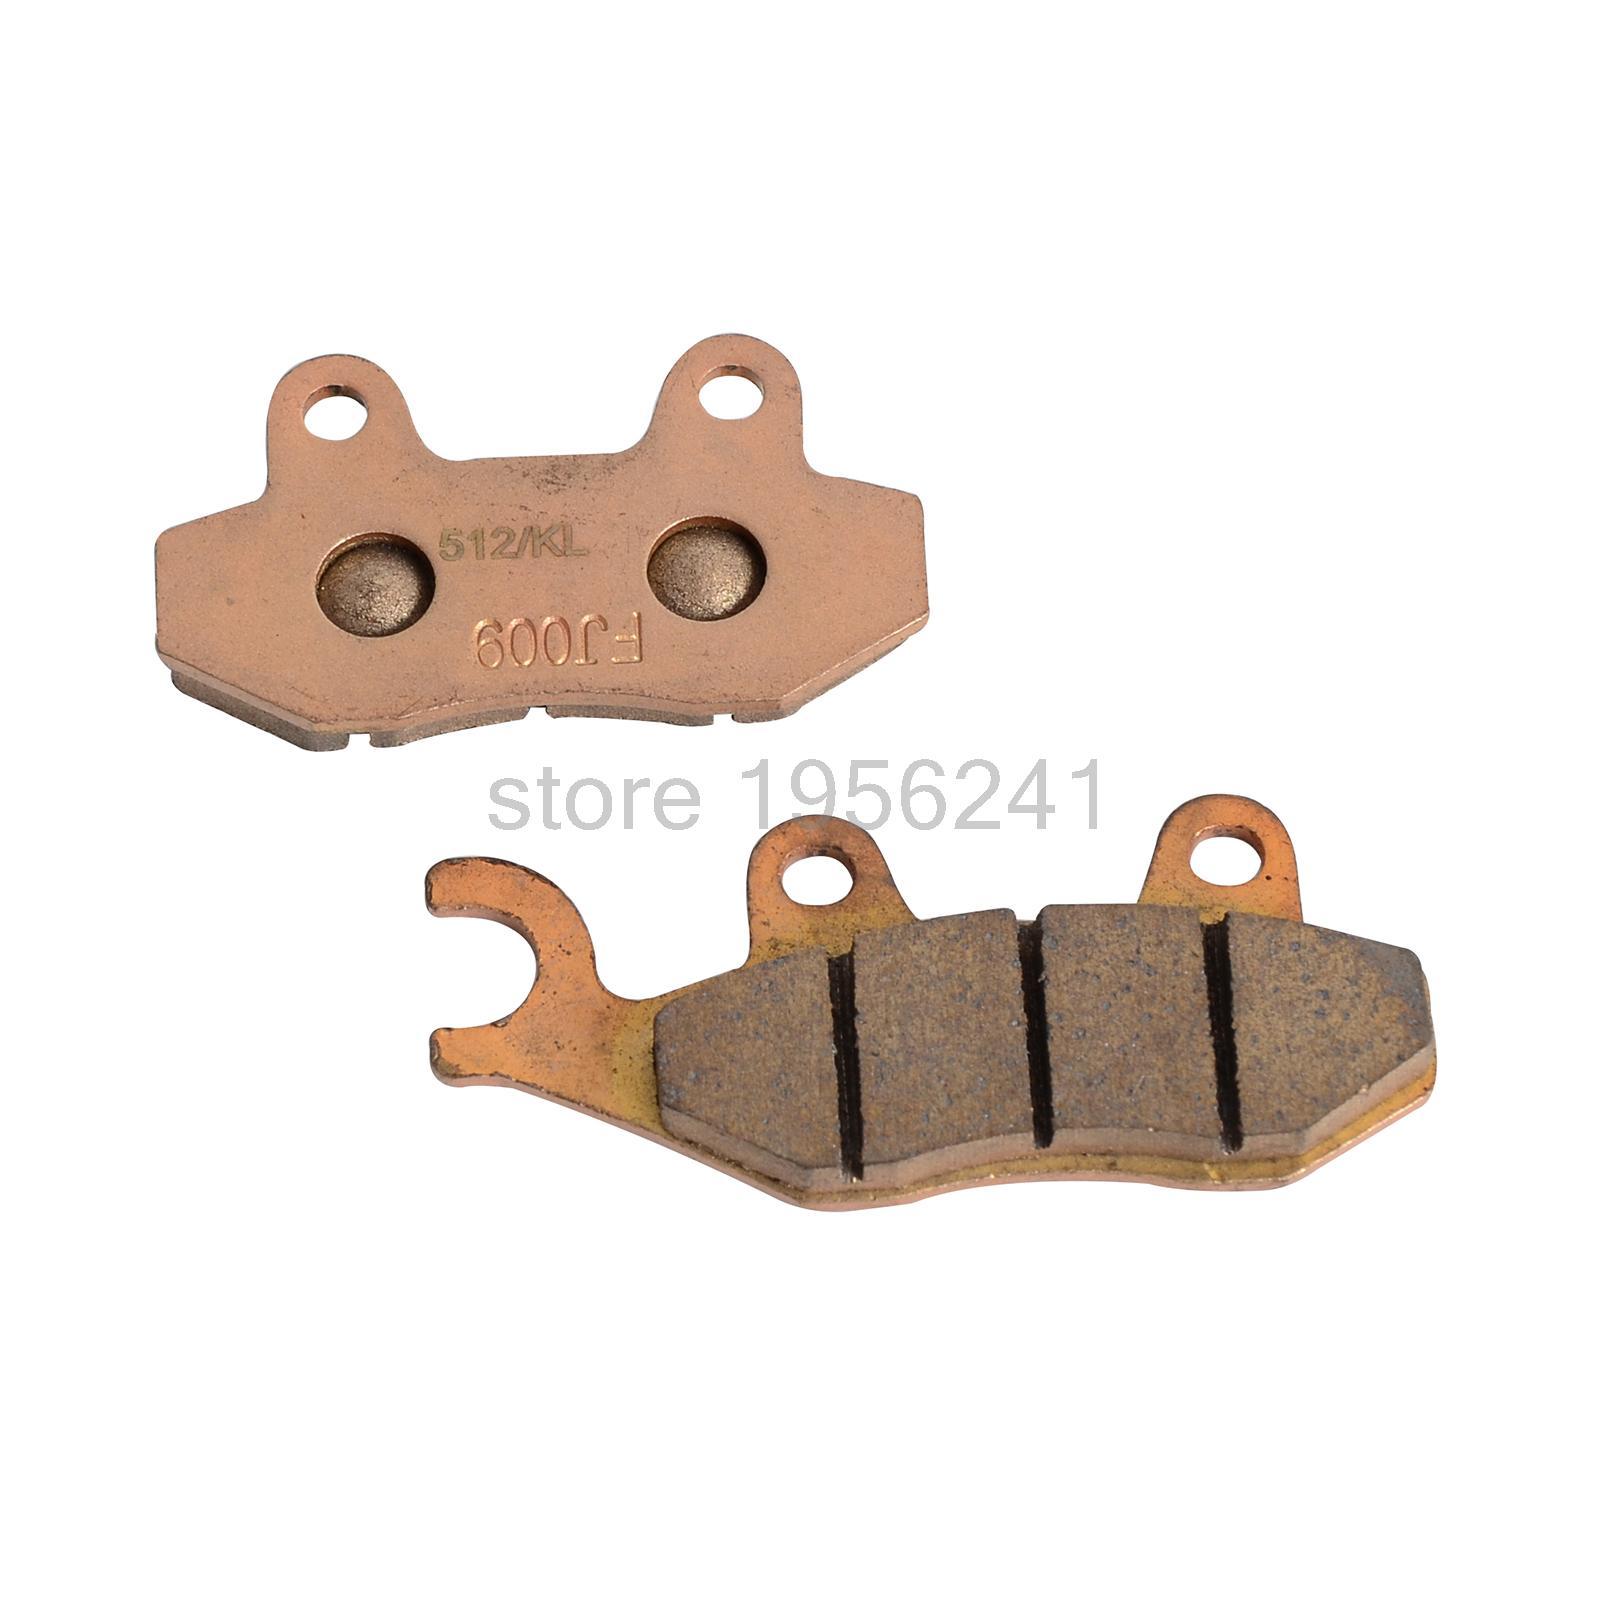 все цены на Motorcycle Left Rear Brake Pads For Aall Hisun UTV400 UTV500 UTV550 UTV700 UTV800 NEW онлайн